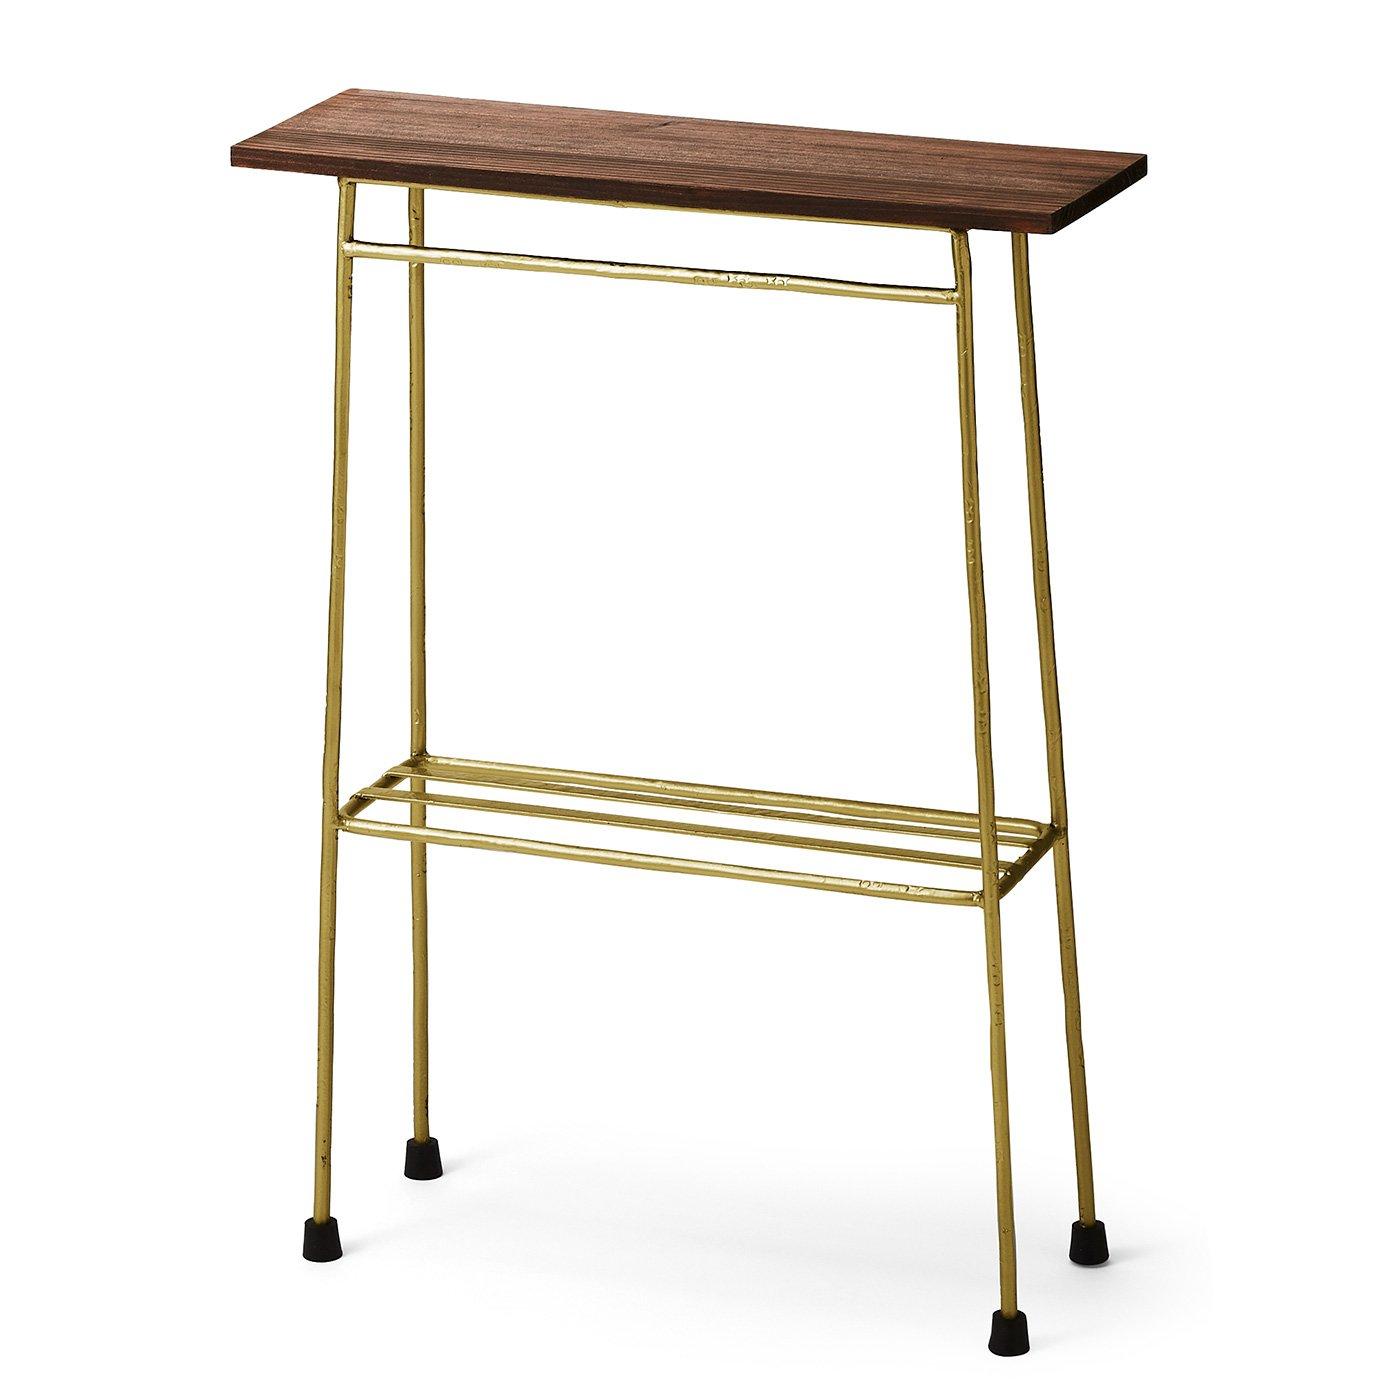 スリムで少し背が高い ちょい置き細長テーブル〈ゴールドカラー〉の会